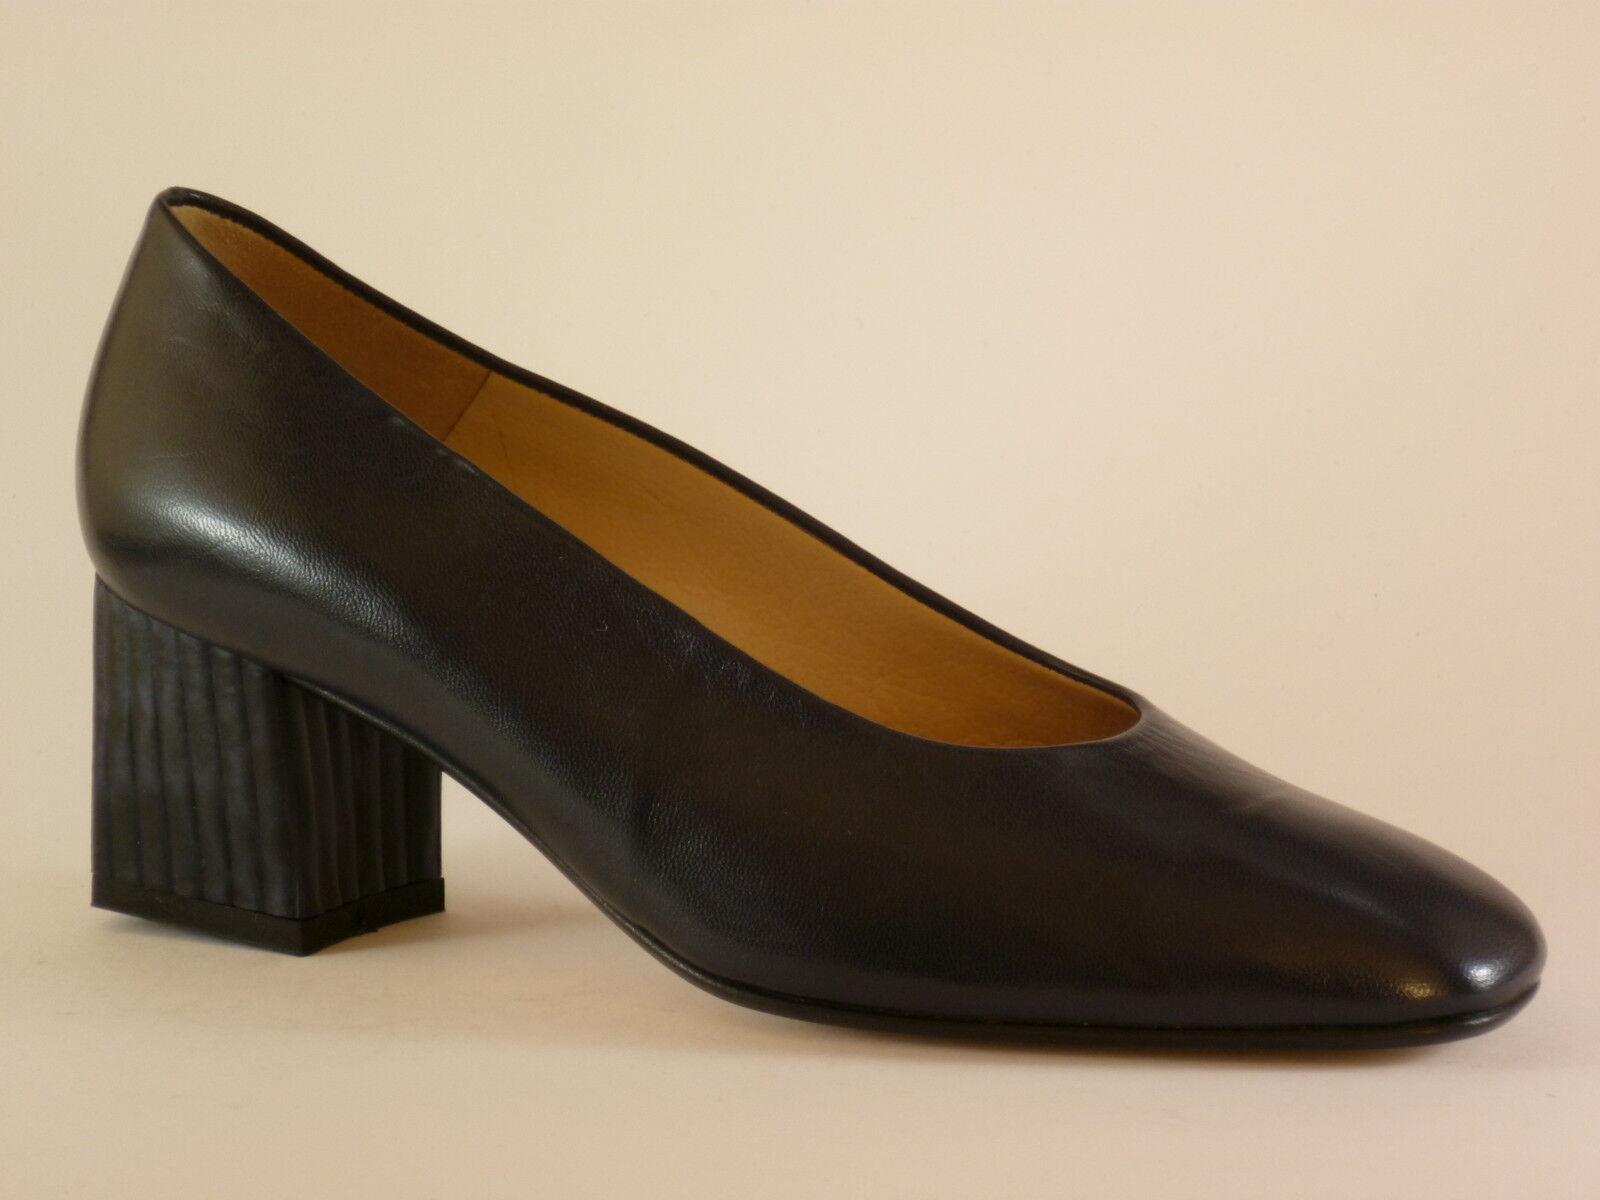 FOGARIN Damen Schuhe 36 41 Leder Blau Abendschuhe Pumps NEU